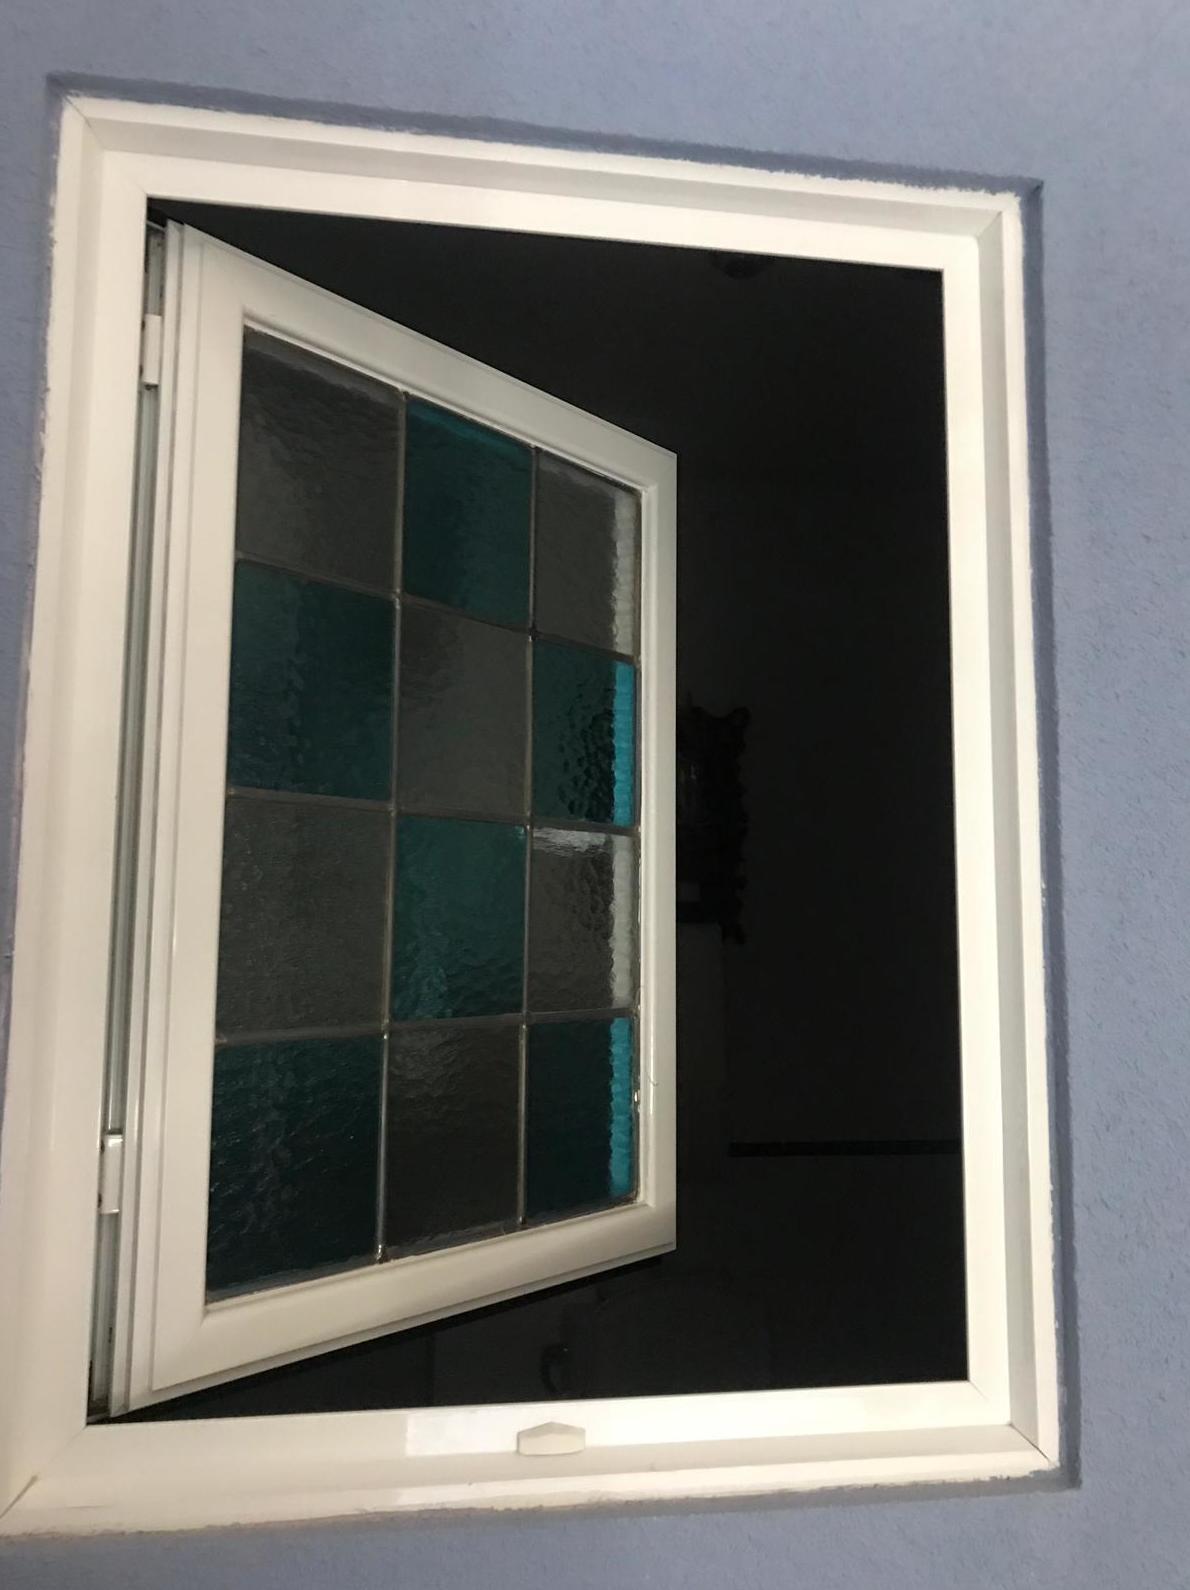 ventana abatible de una hoja , con remates de aluminio y cristal con decorado